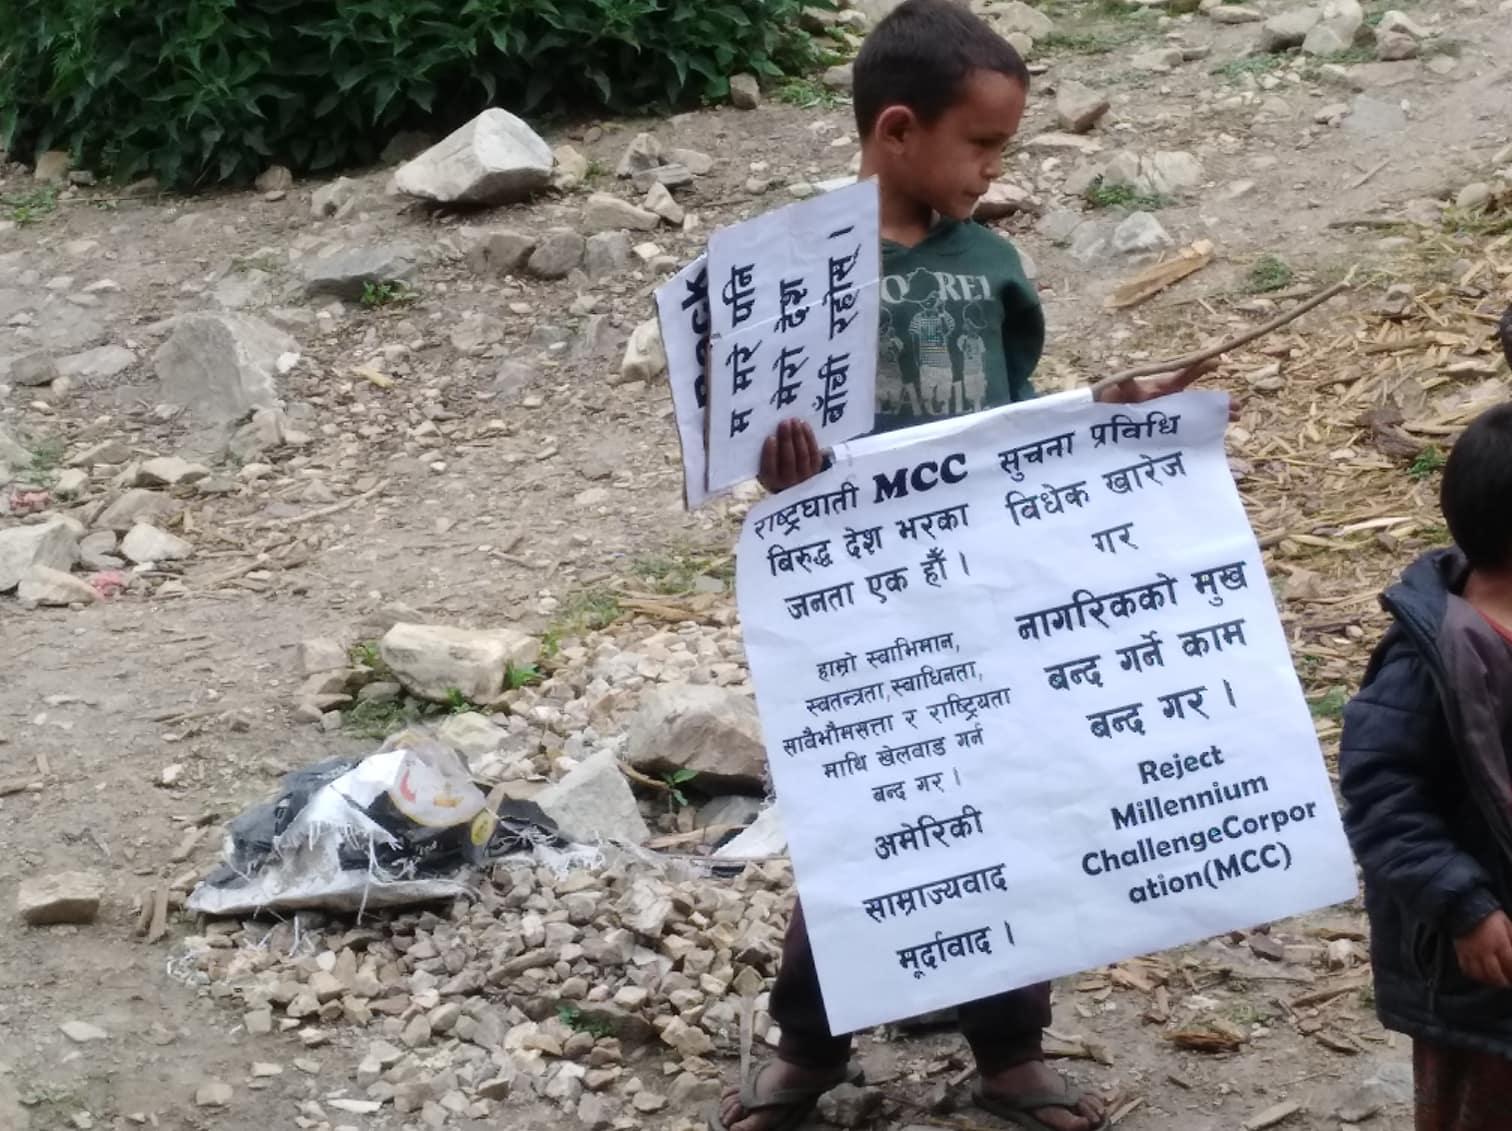 एमसिसीको विरोधमा हुम्लाका बालबालिका (फोटोफिचर)